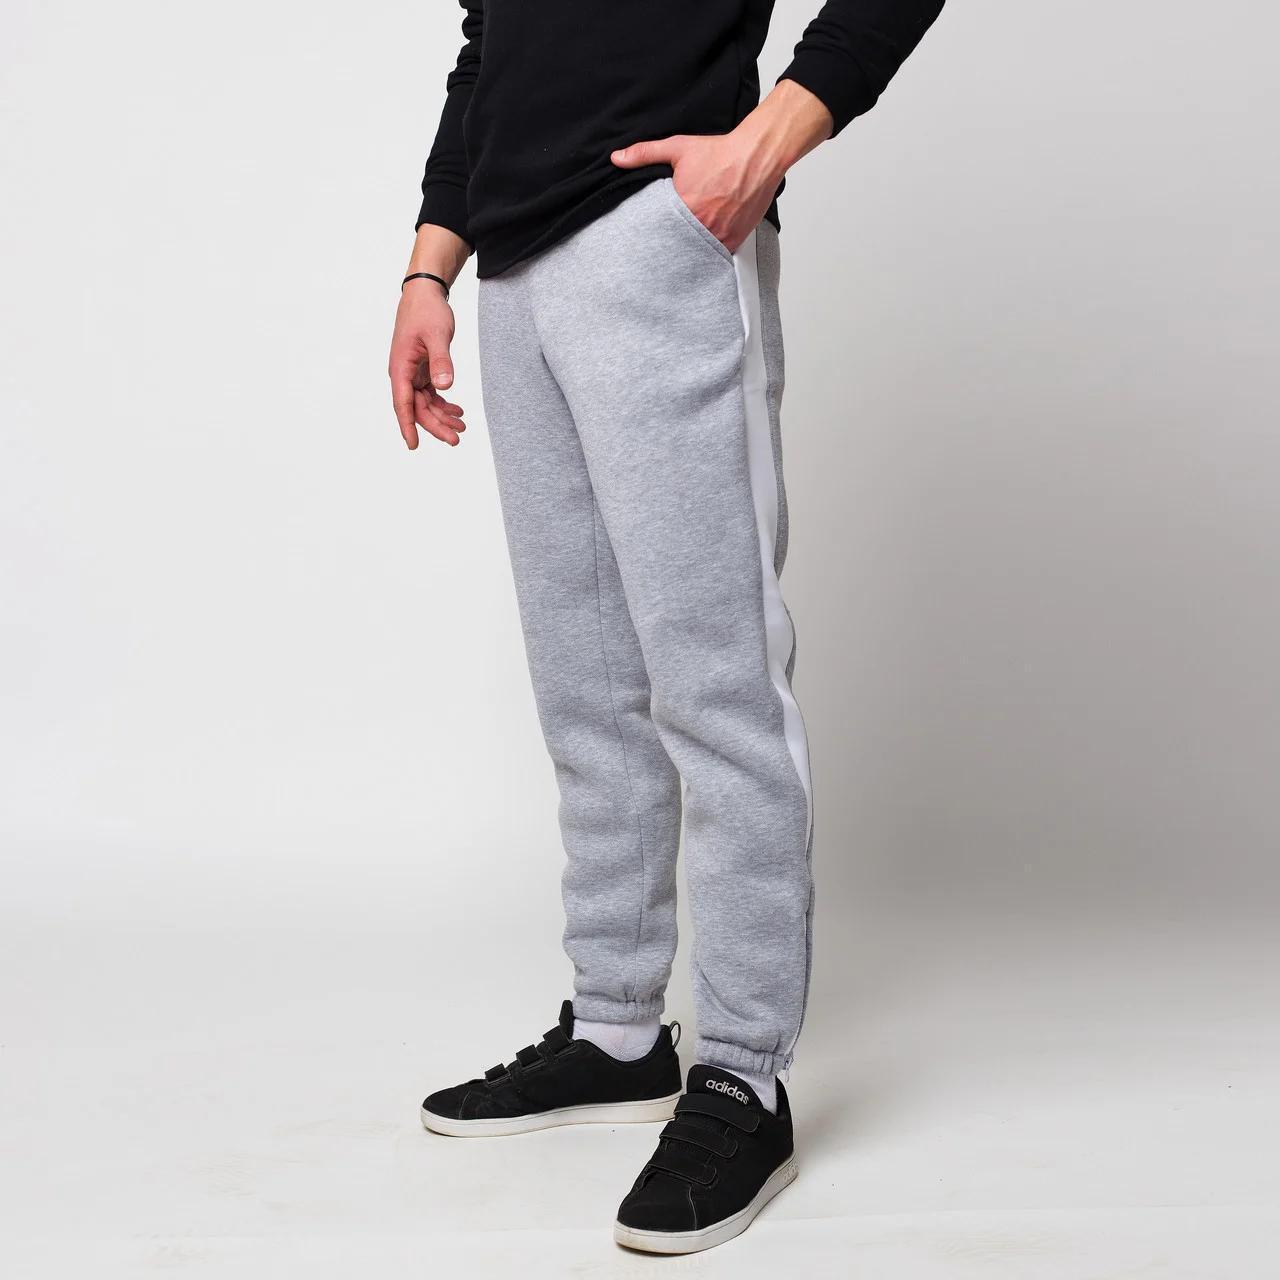 Спортивные штаны ТУР Rocky серые с белым (только L)